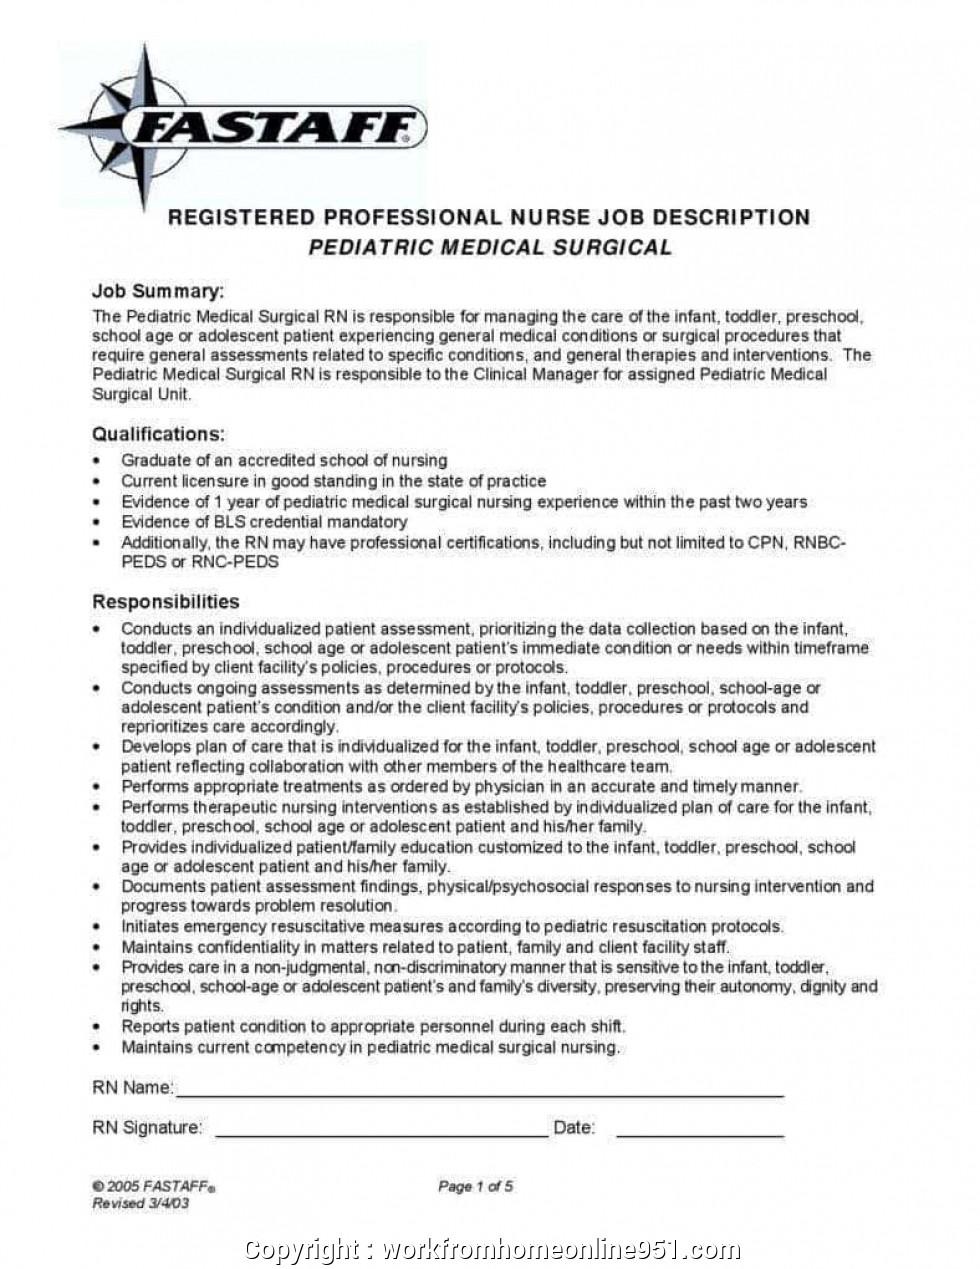 Job Description Template Shrm